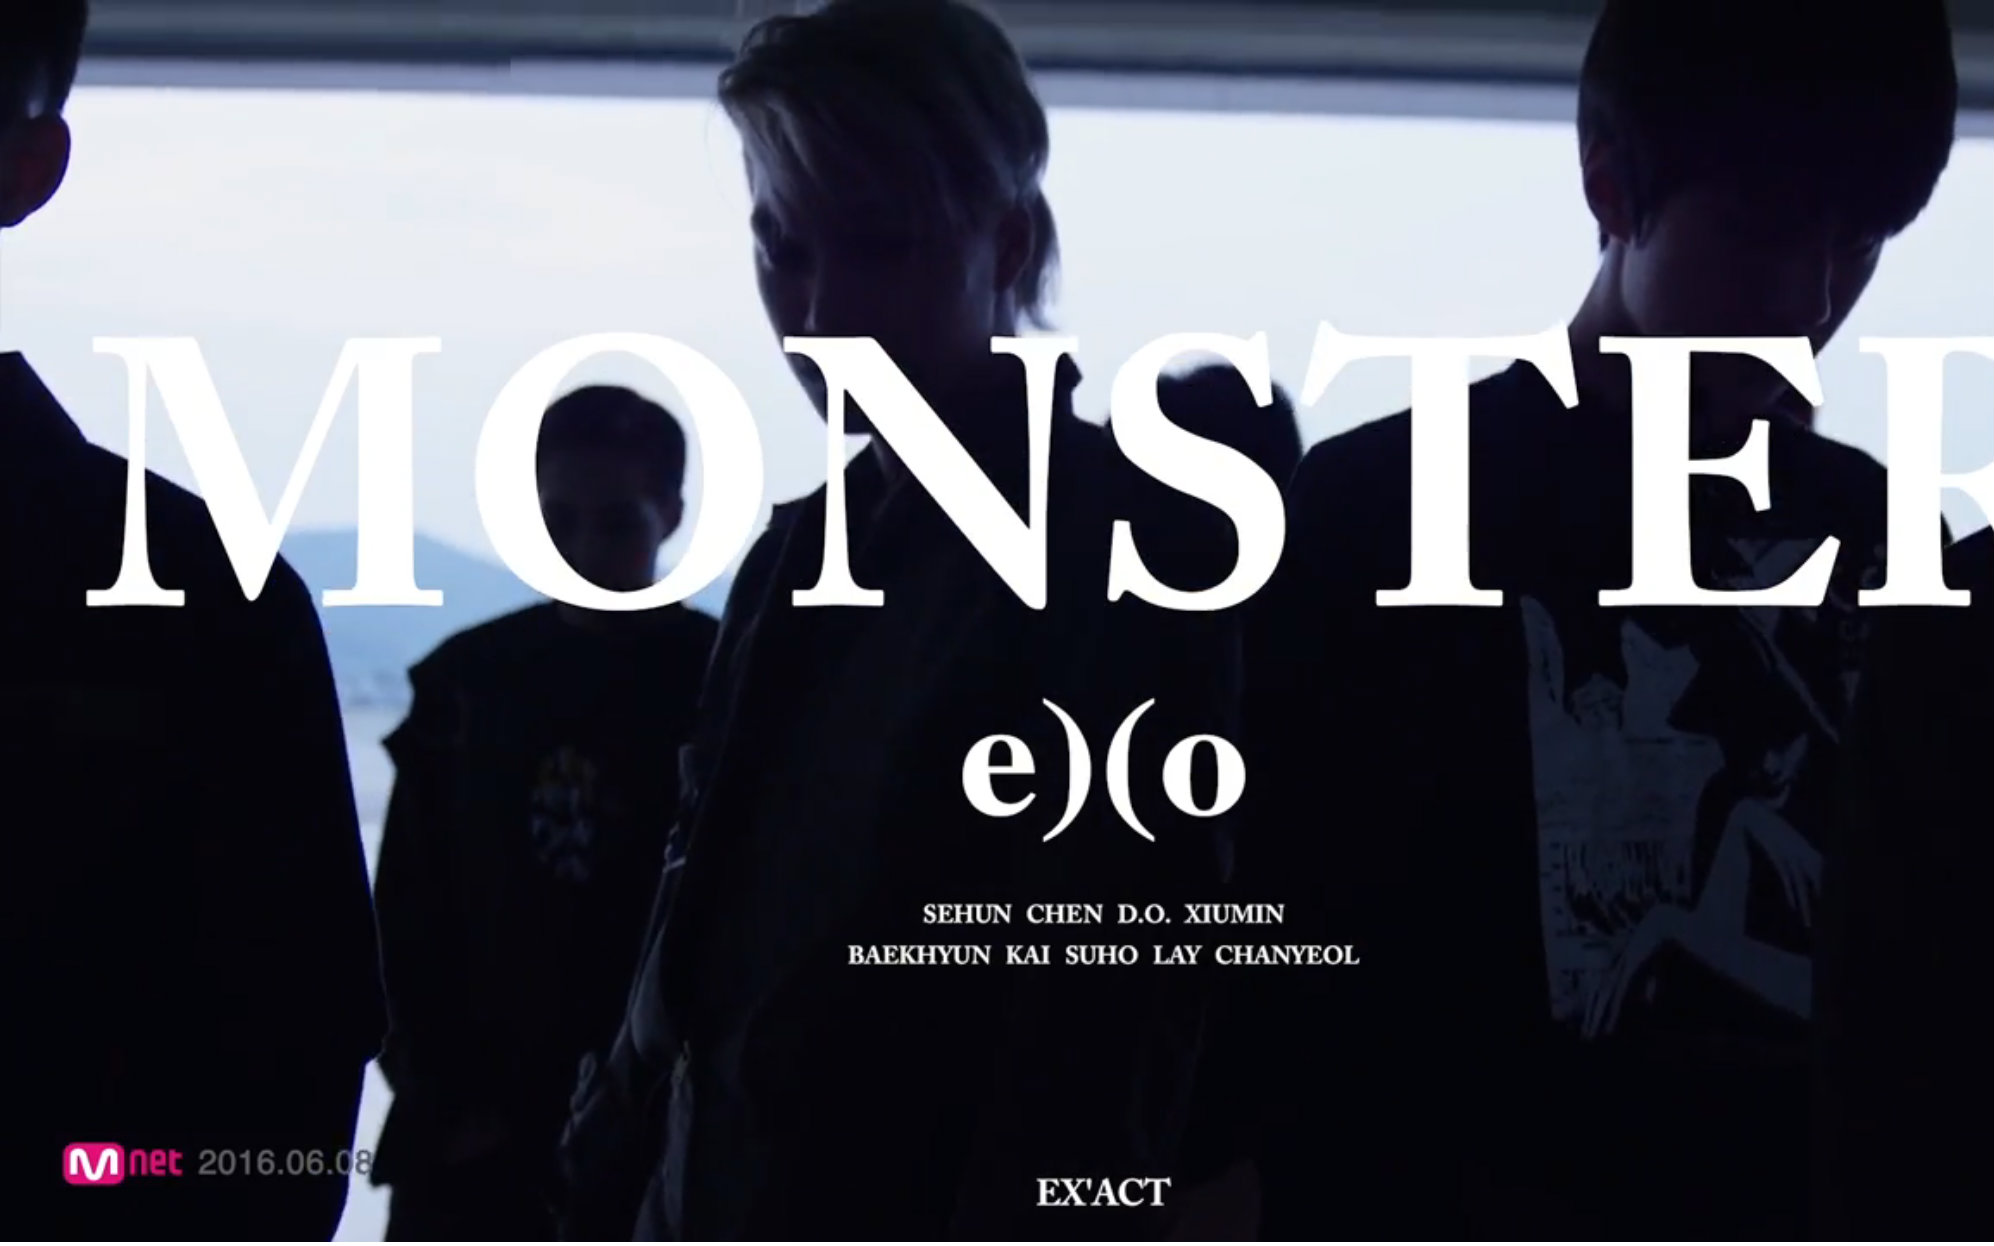 跪求exo《monster》结局!紧急紧急!要完整的txt啊!谢谢了!